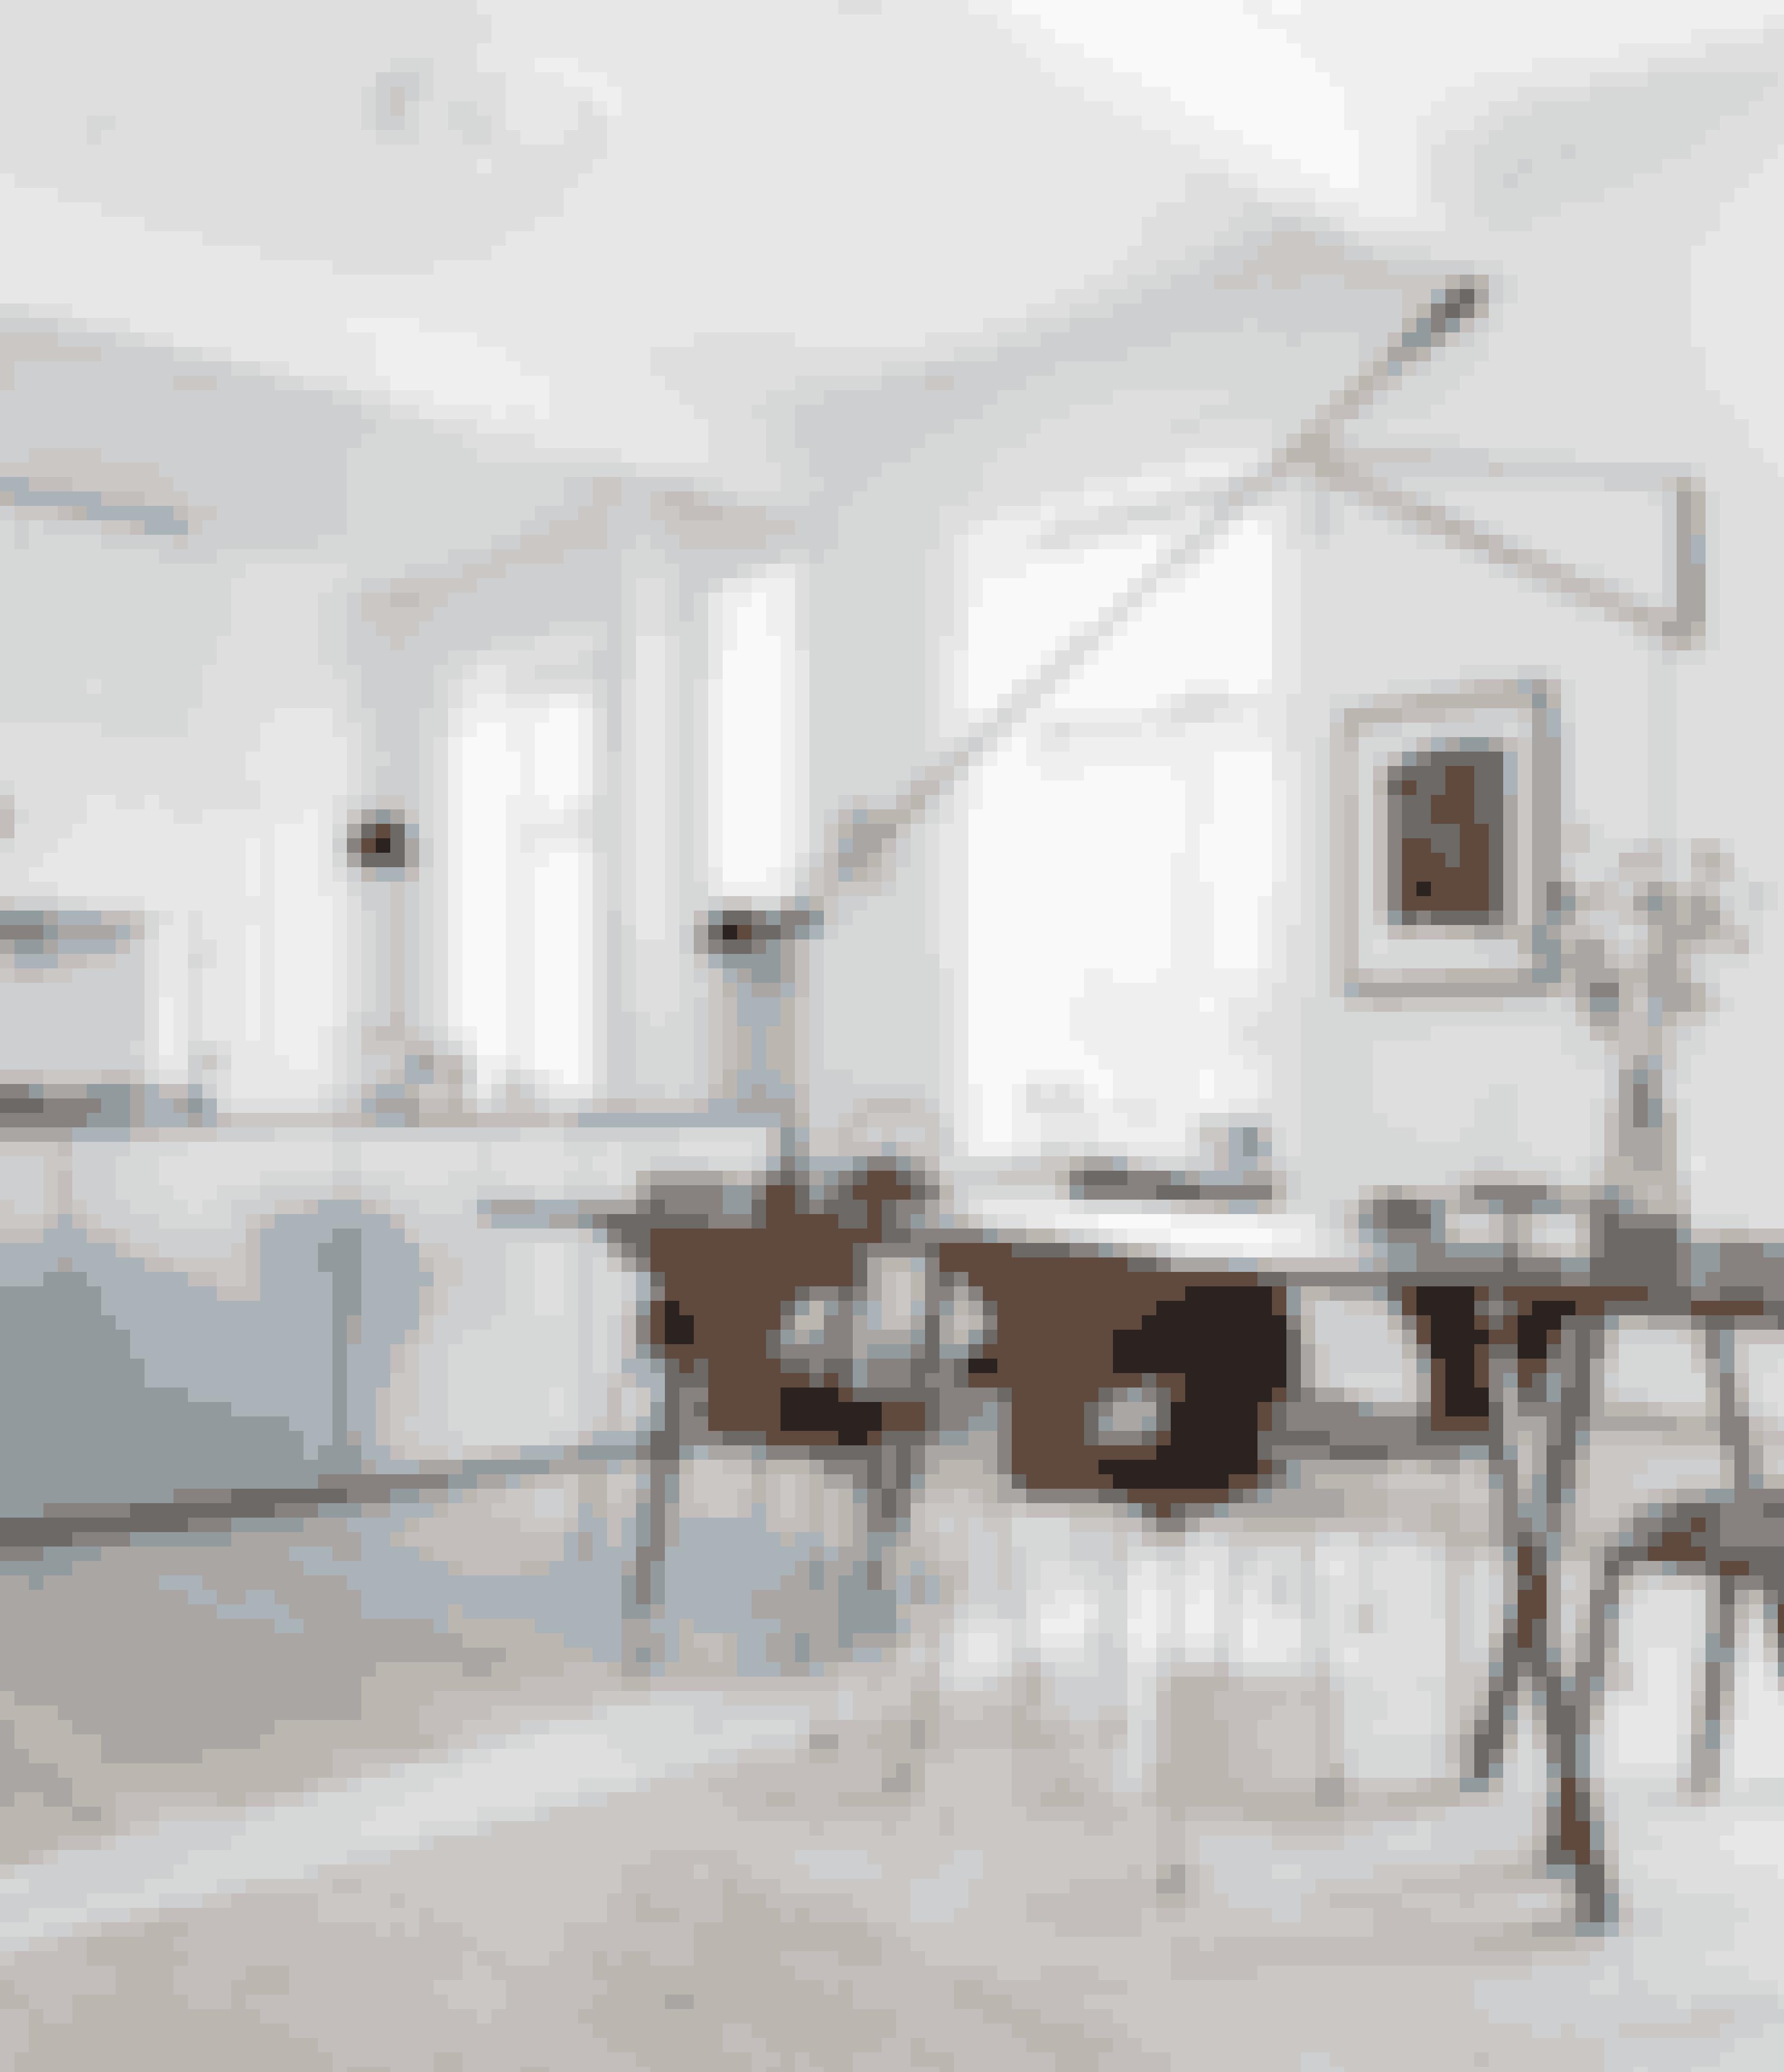 Mix forskellige stole i samme farve omkring spisebordet for en personlig stil – så kan alle vælge en, som netop de sidder godt i. Stolene er originale gamle Arne Jacobsen-skalstole i teaktræ.